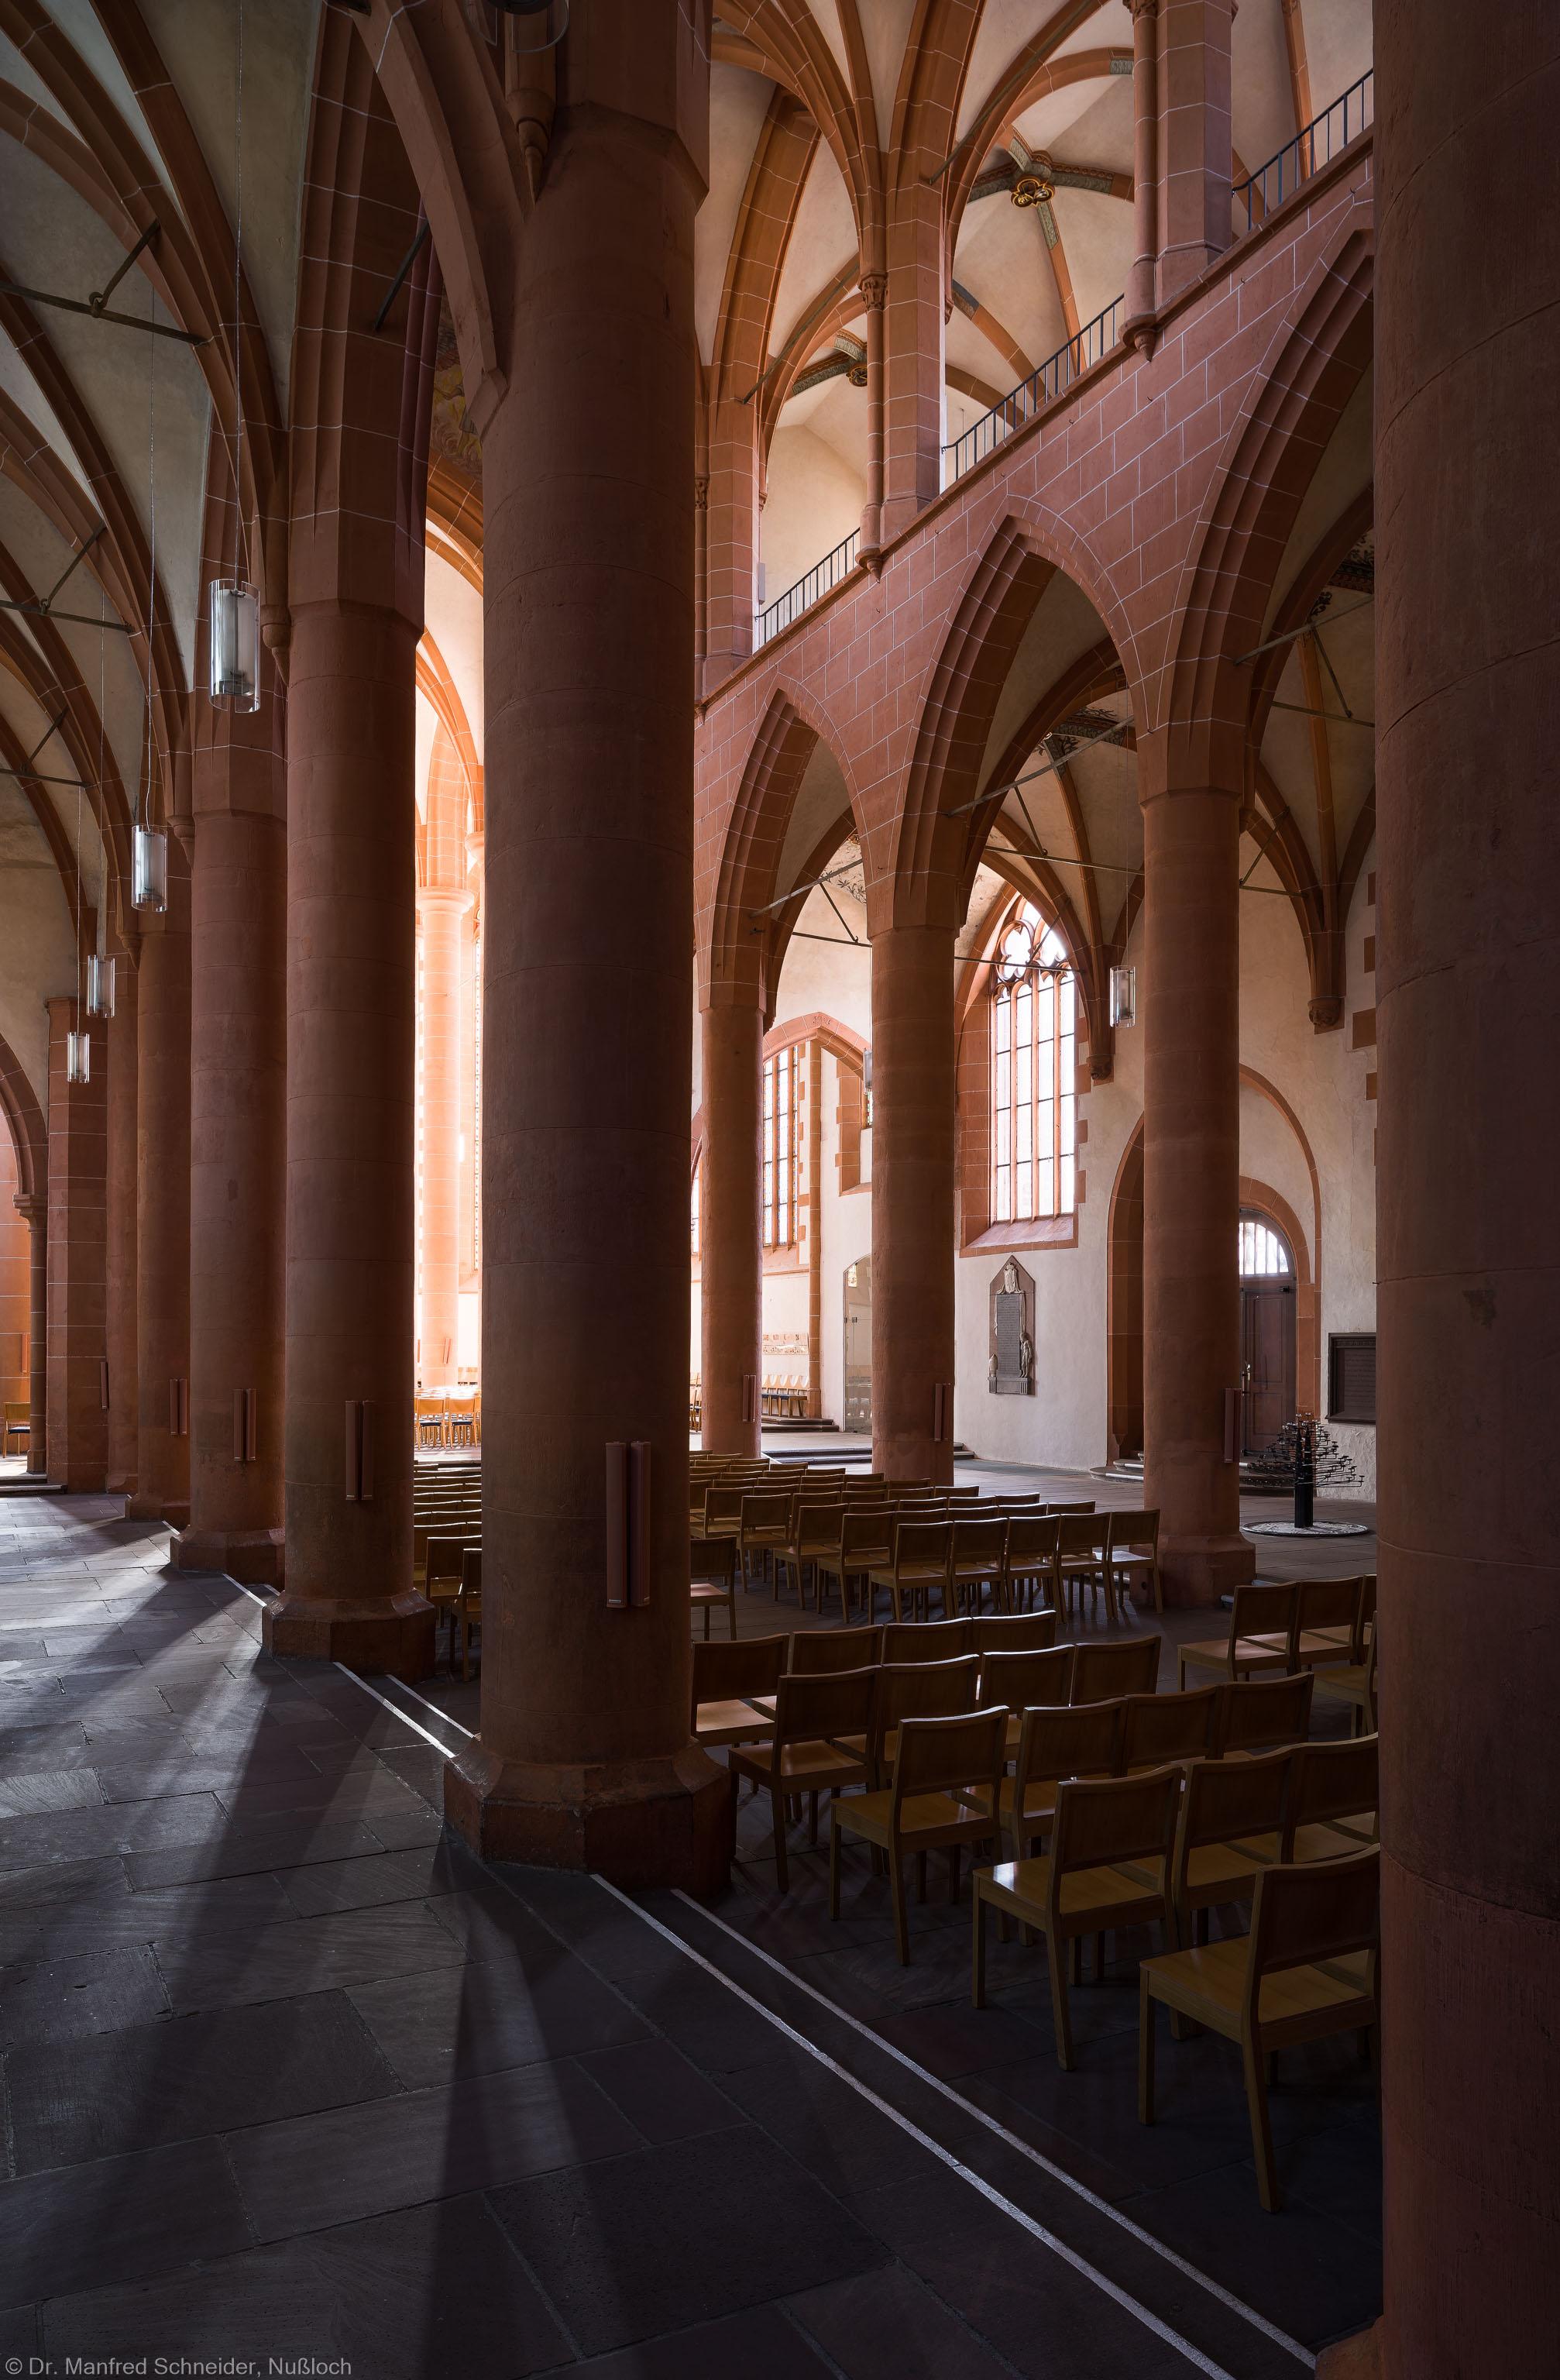 Heidelberg - Heiliggeistkirche - Nordschiff - Blick von Nordwesten in die Schiffe und auf die Südempore (aufgenommen im April 2013, am Vormittag)